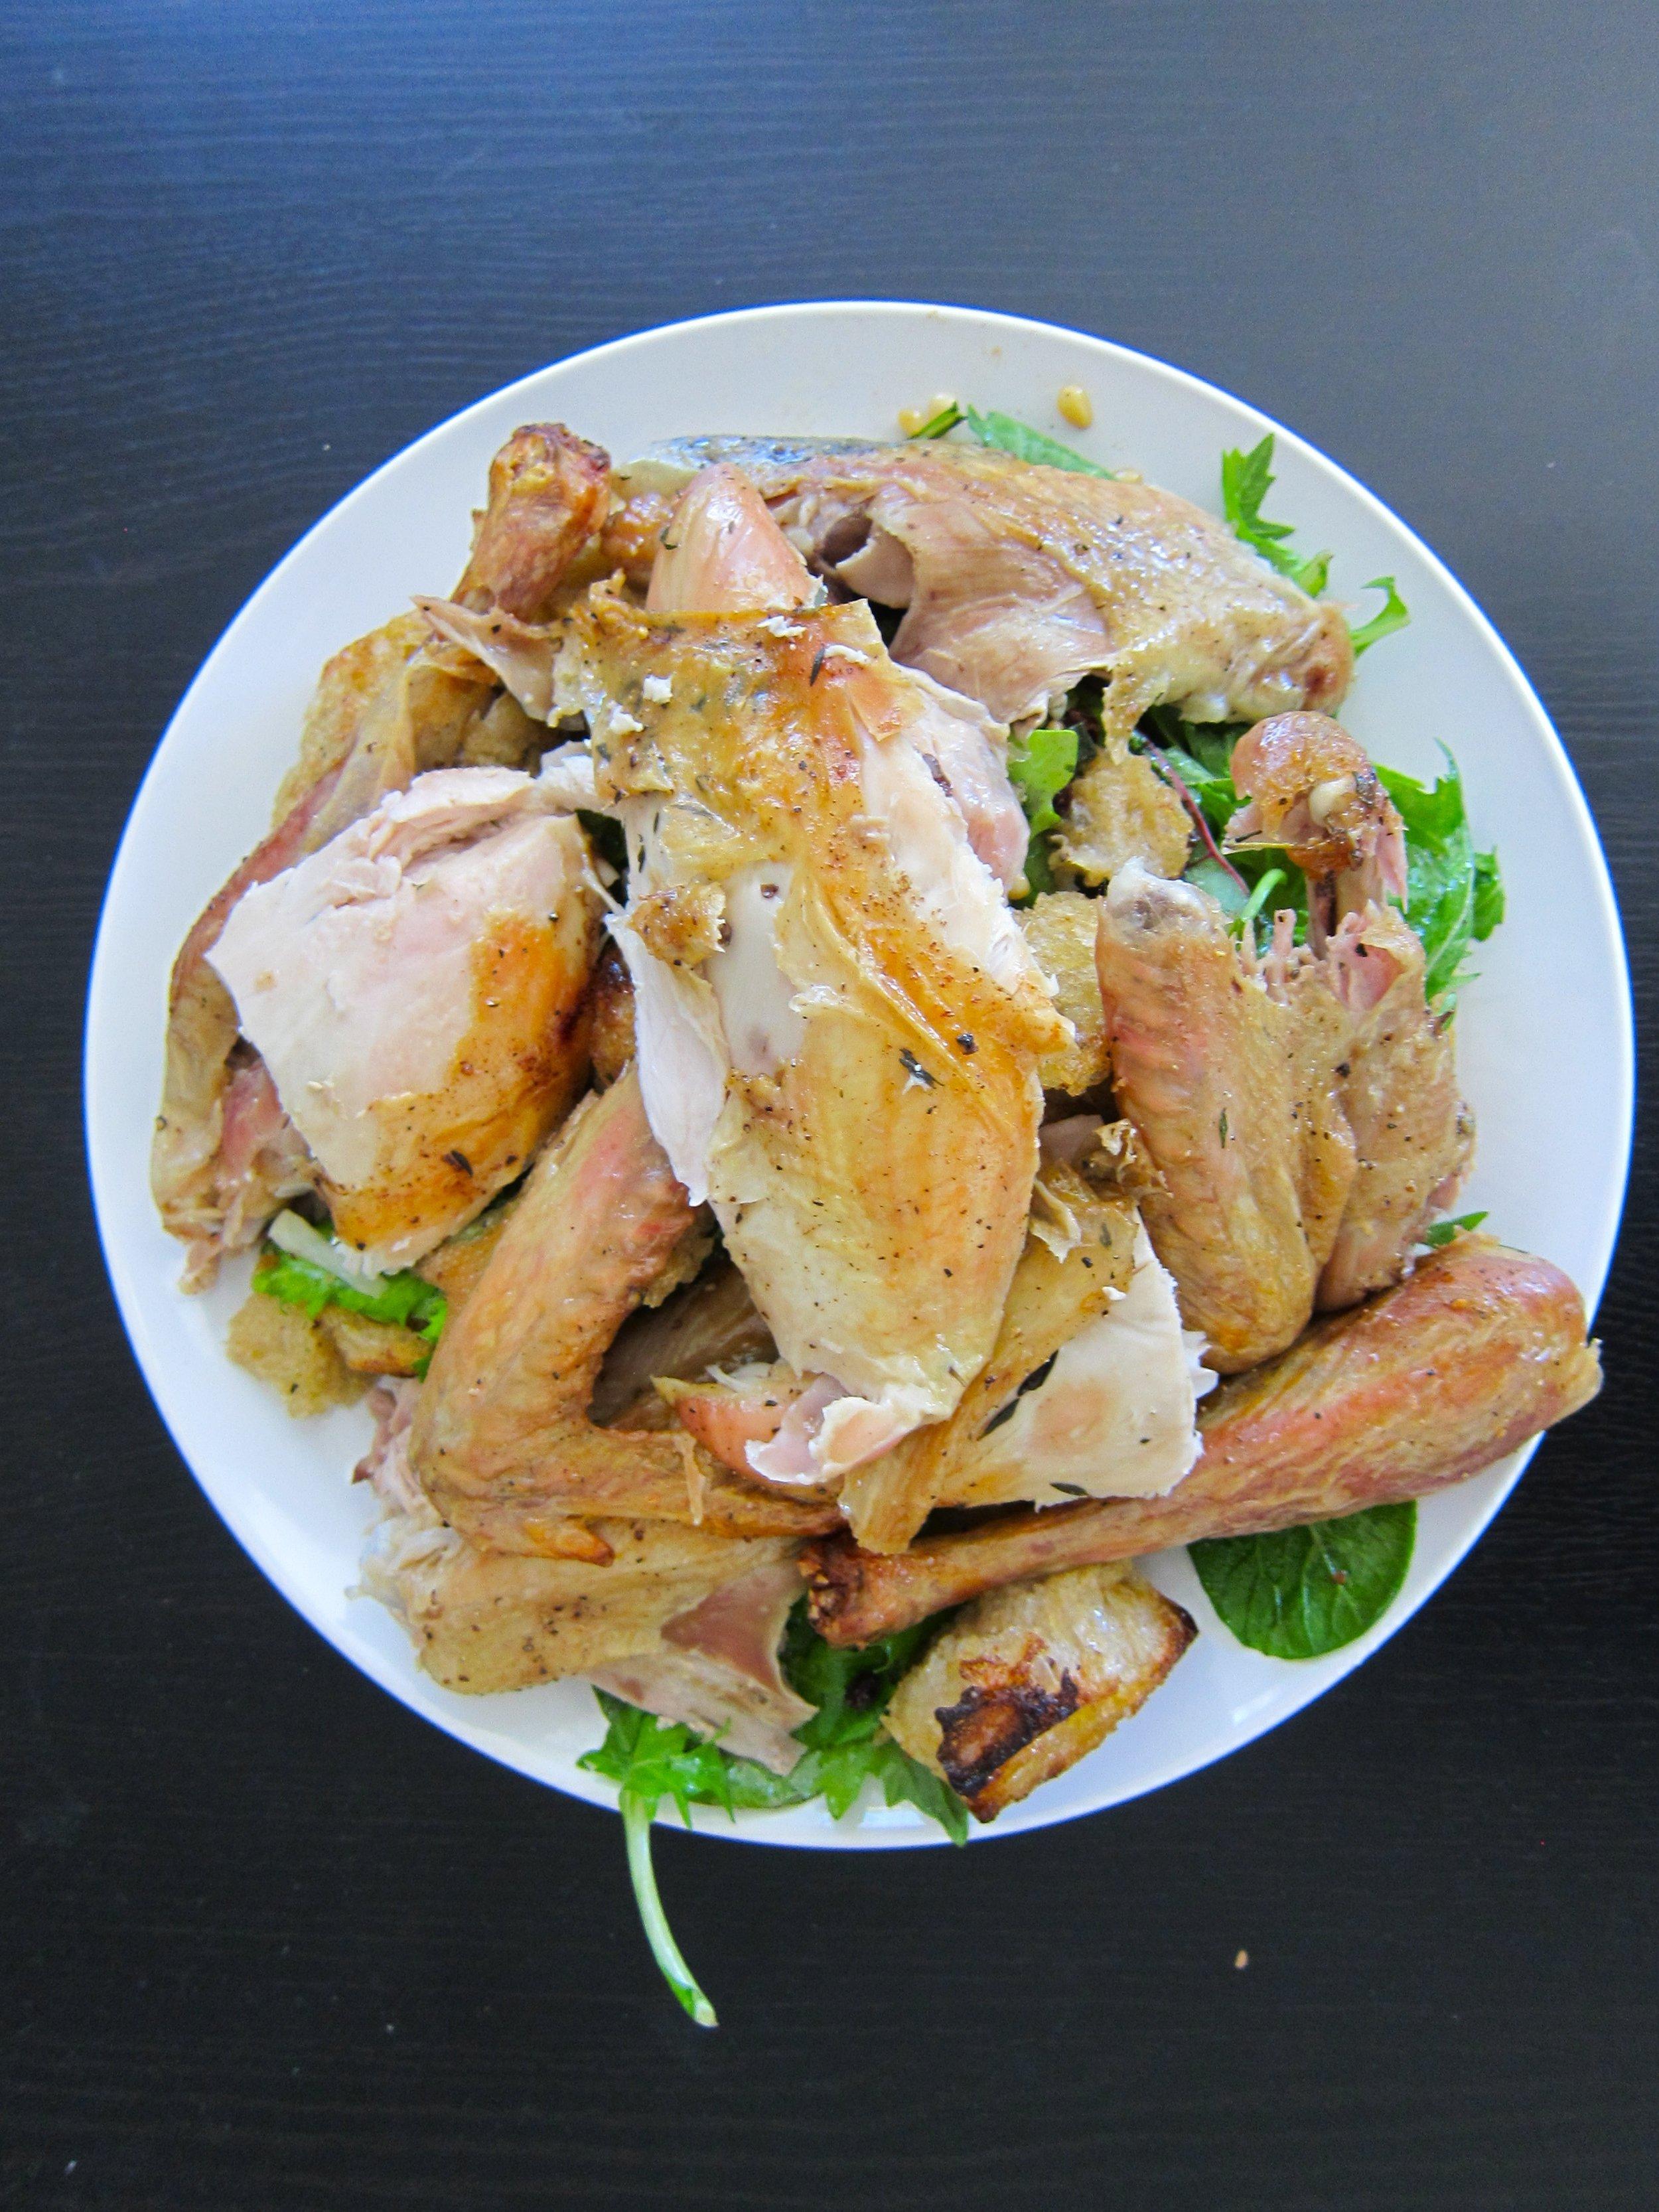 Zuni Cafe Roast Chicken.jpg